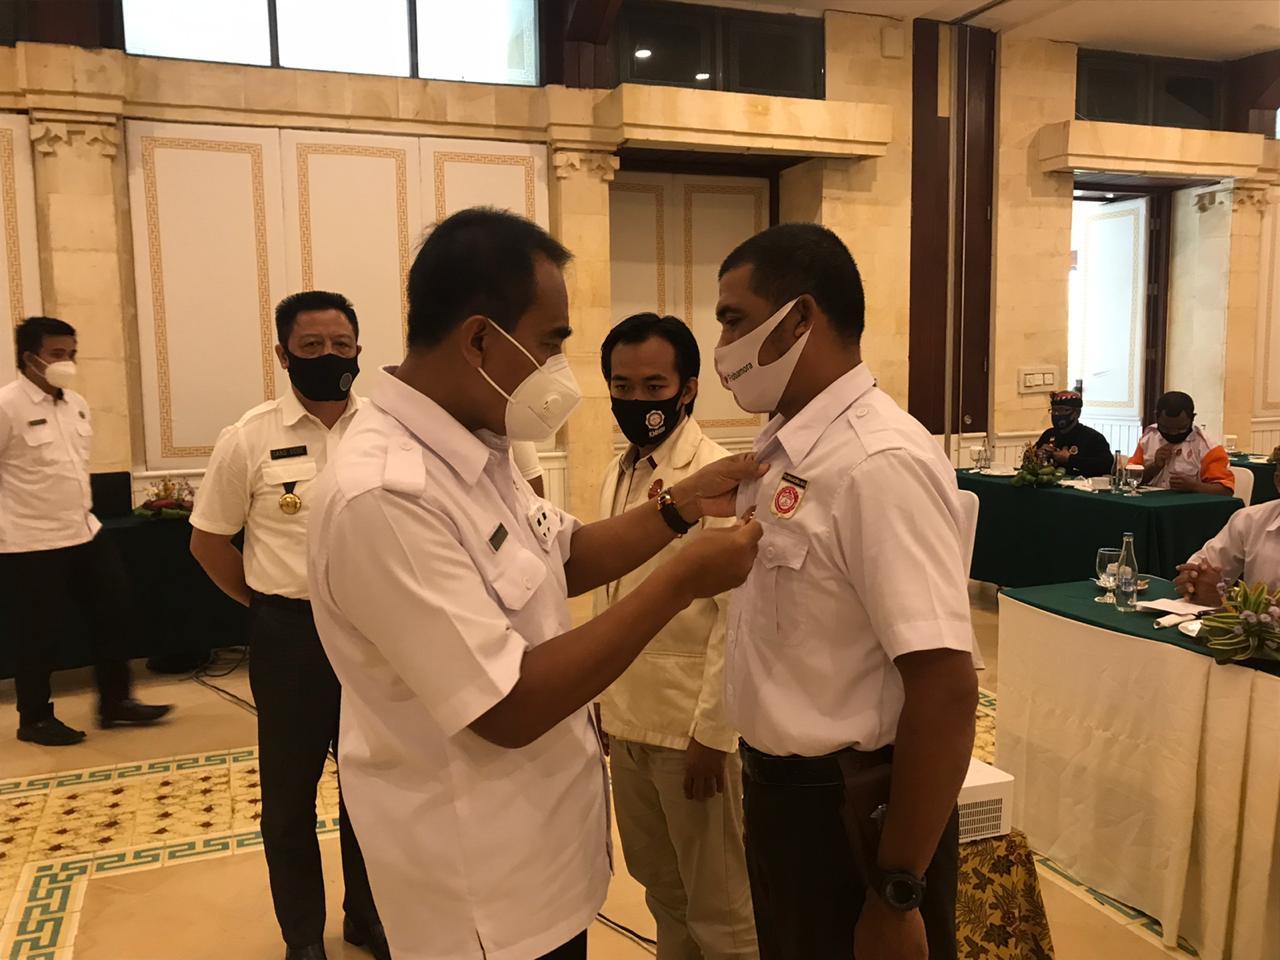 KEPALA BNNP Bali Brigjen Pol. Drs. I Putu Gede Suastawa, menyematkan tanda peserta pengembangan kapasitas P4GN (workshop) di lingkungan masyarakat yang diikuti para tokoh agama dan masyarakat di Kota Denpasar. Foto: ist